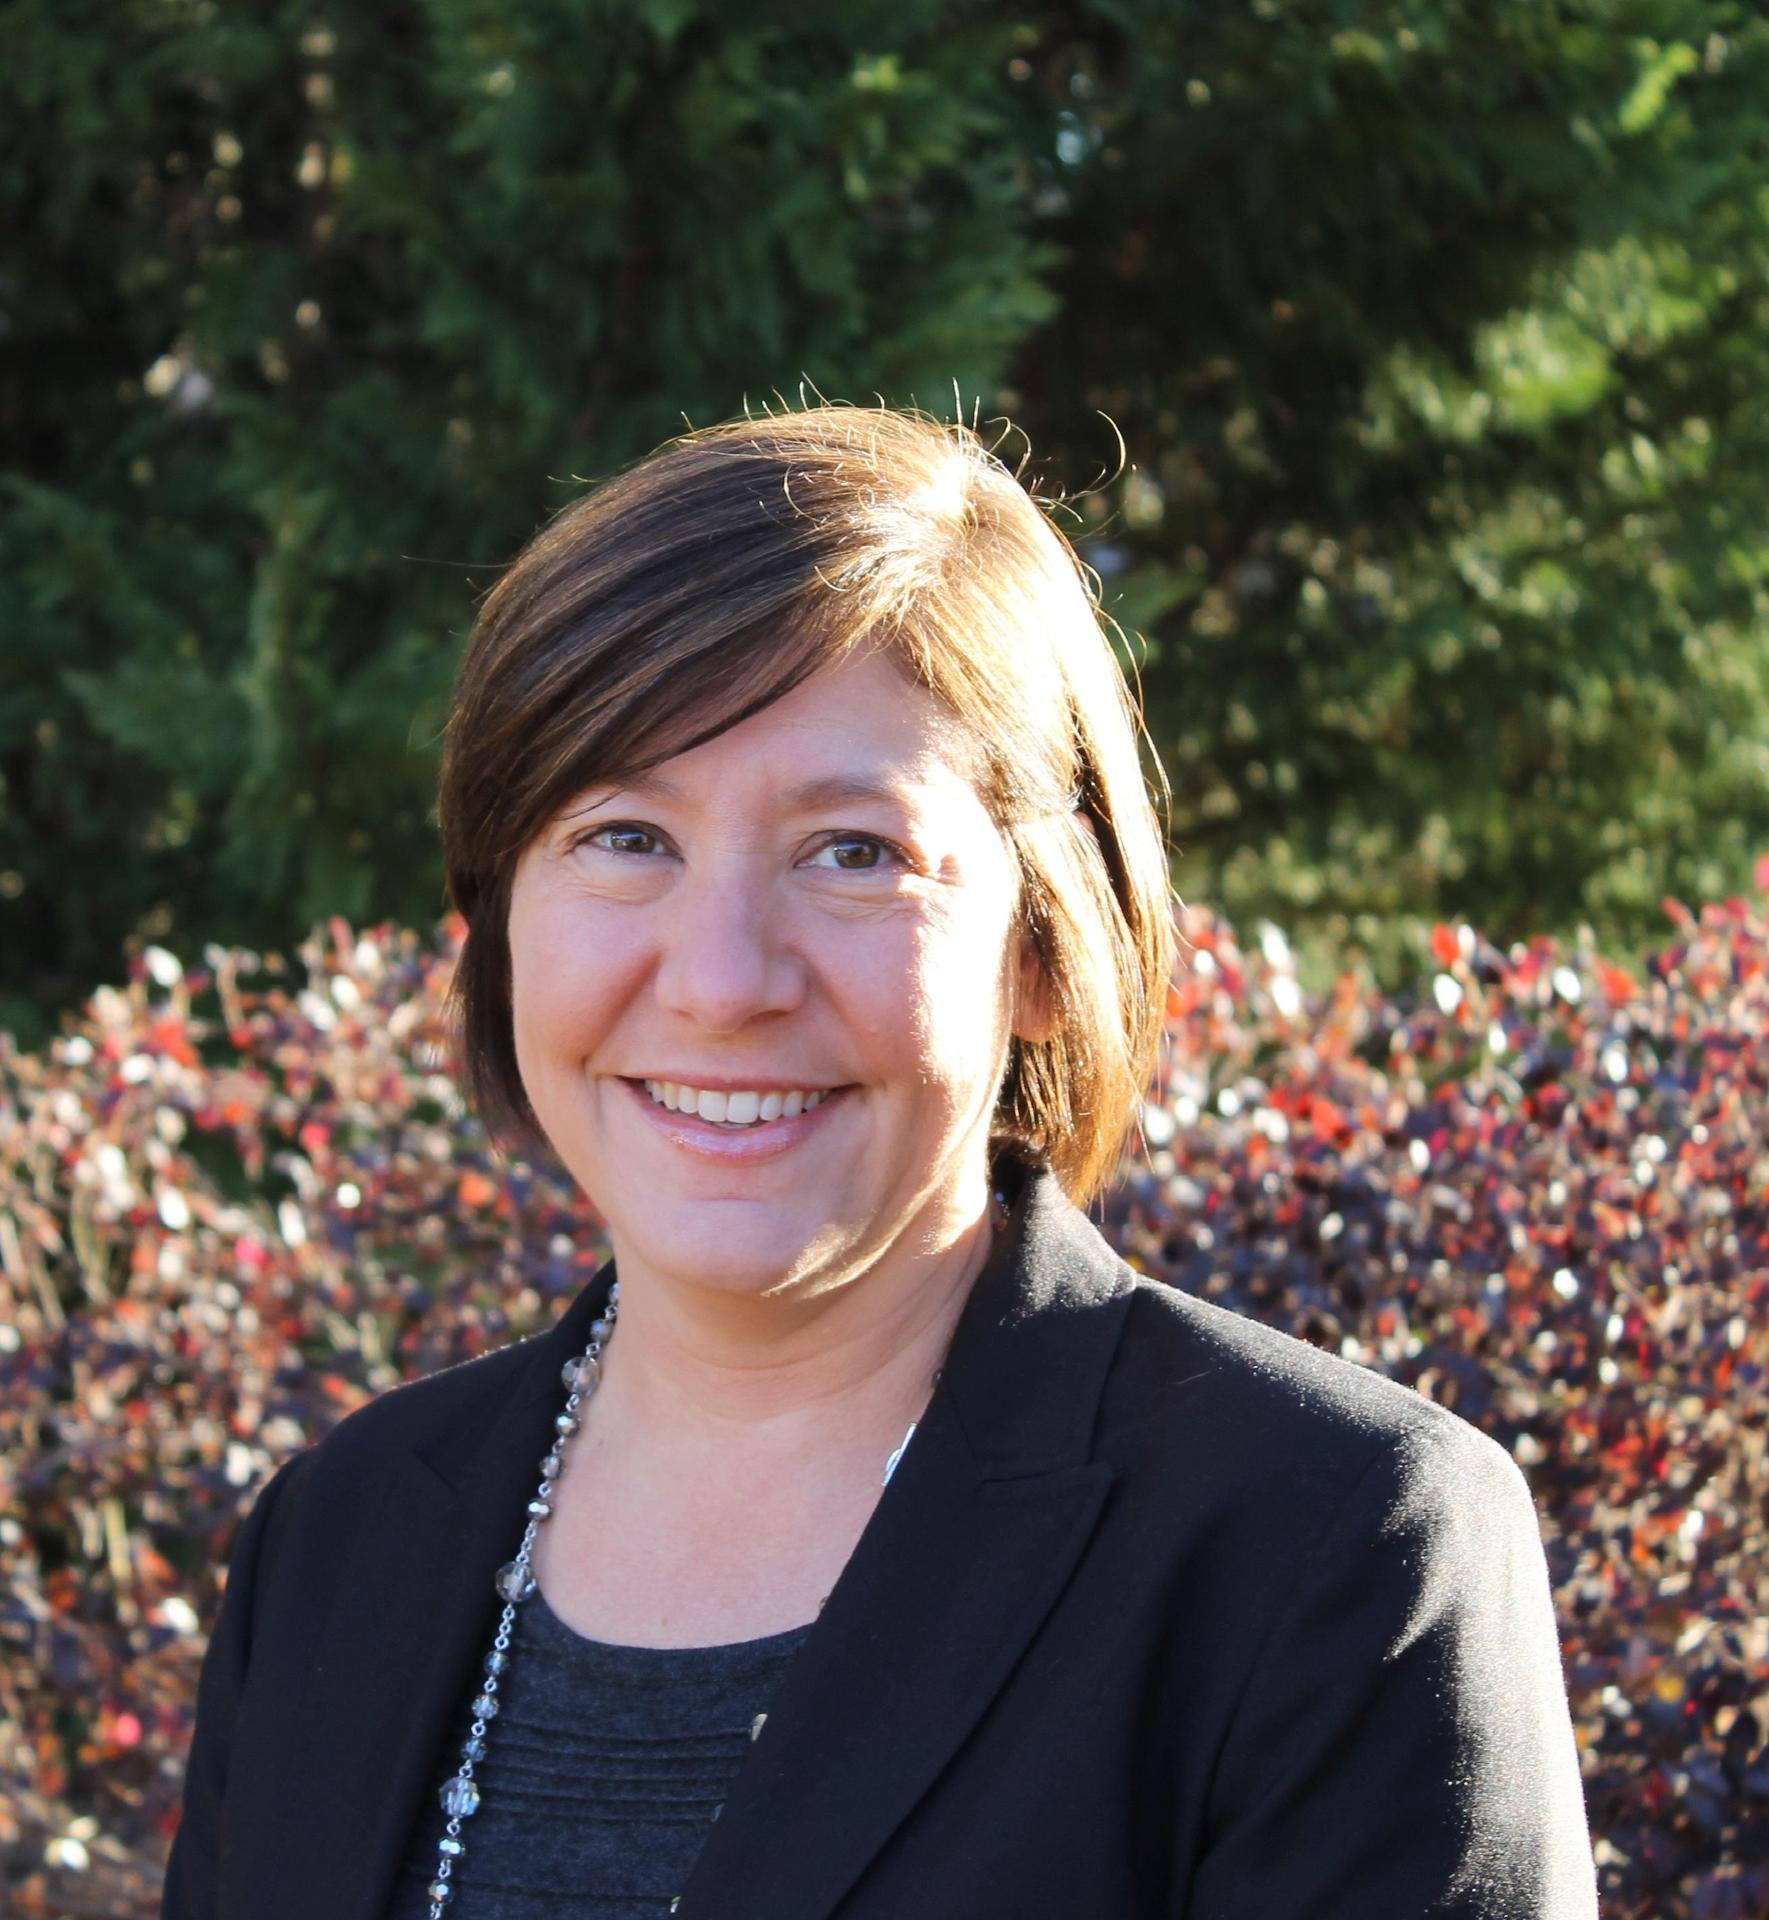 Headshot of Amy Sullivan